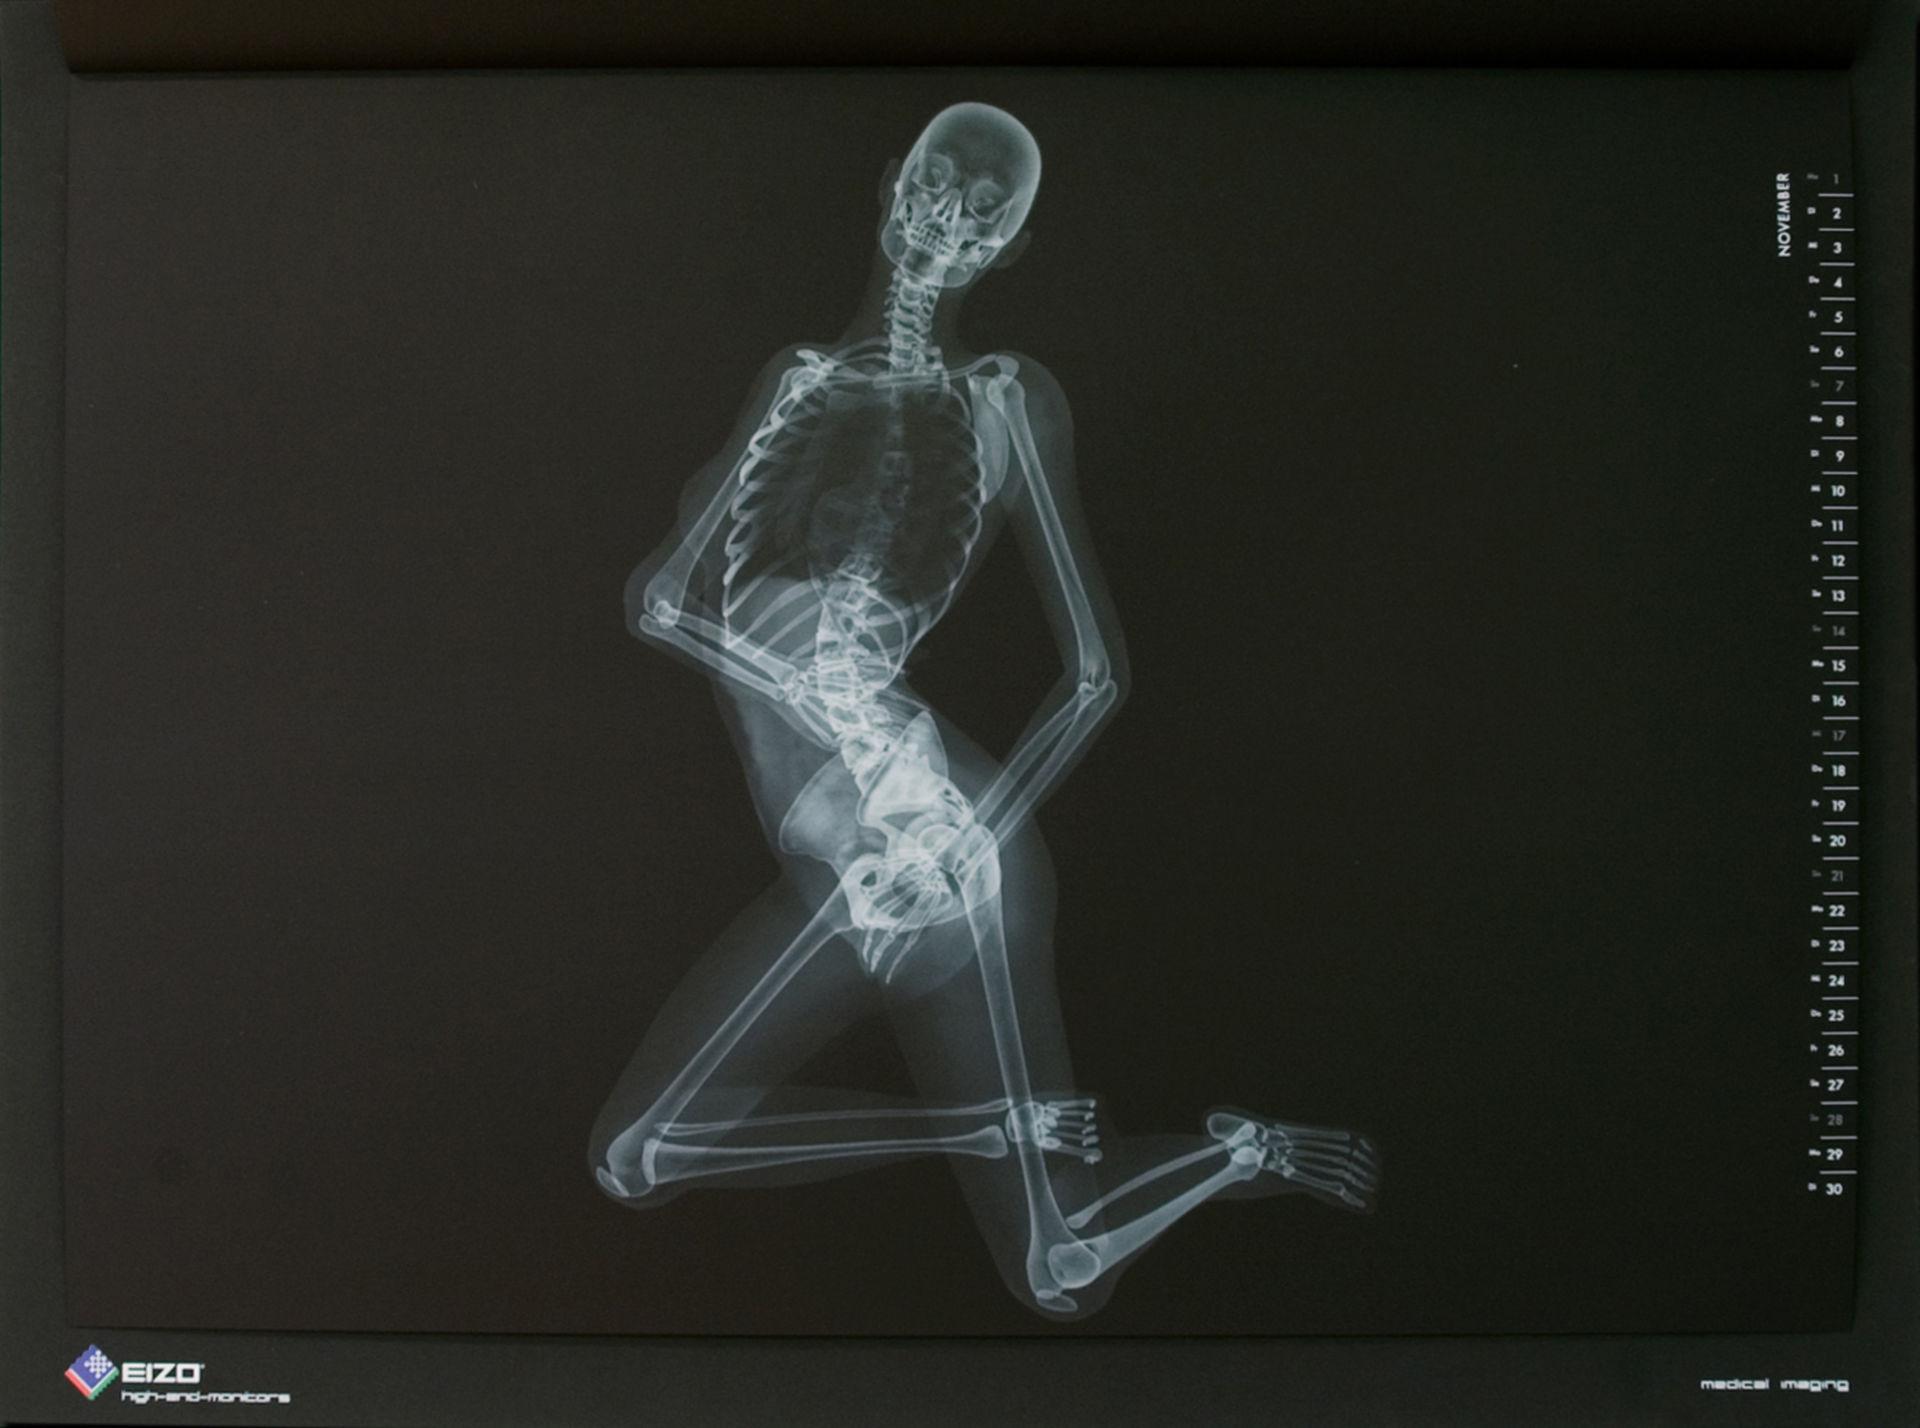 Diagnosis of radiographs